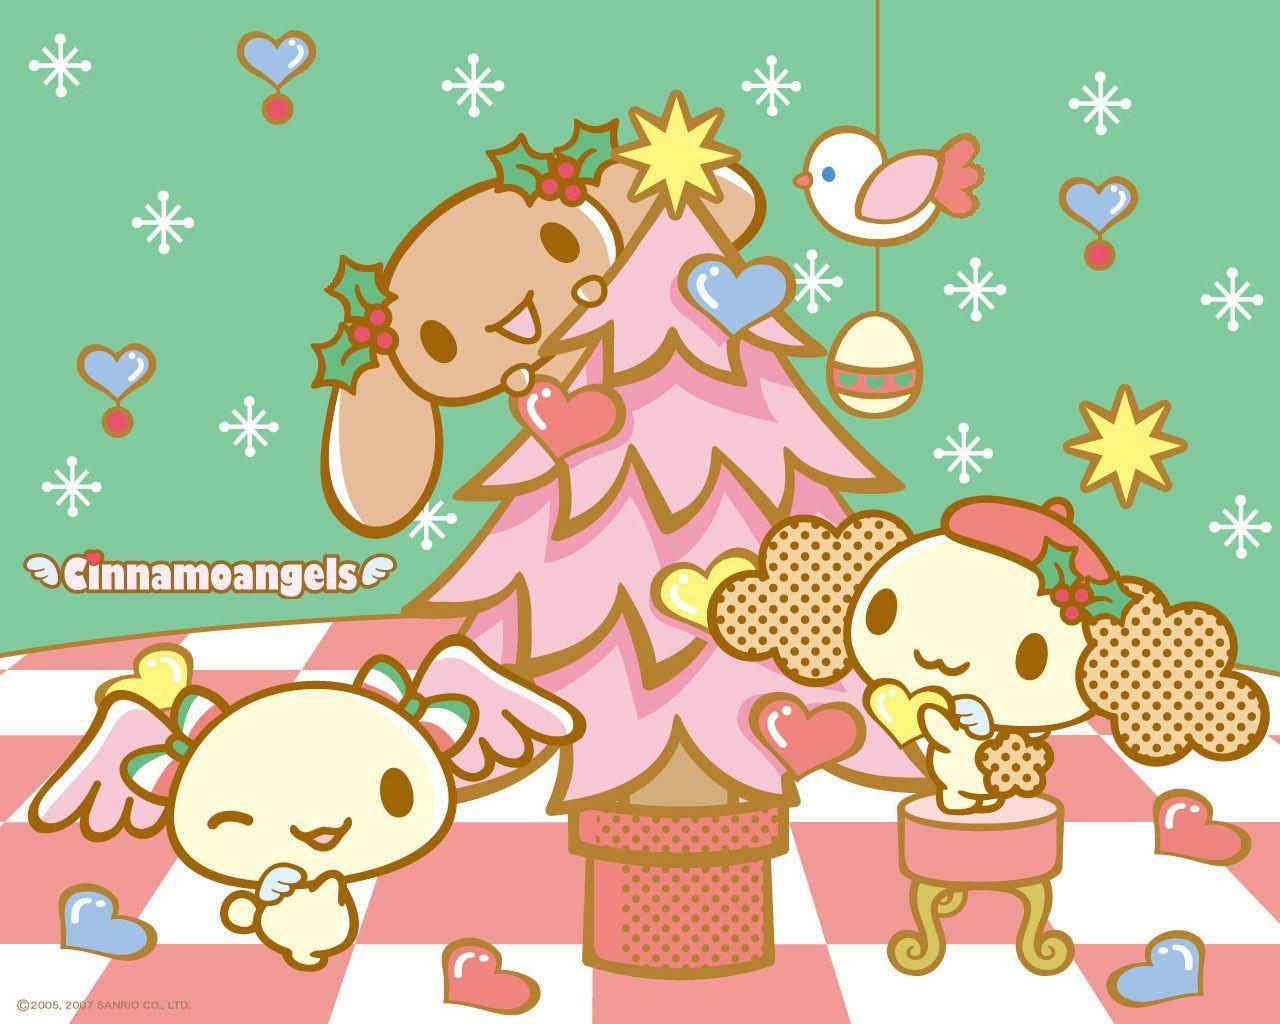 Cool Wallpaper Hello Kitty Calendar - 446f28d54a5fbc4a0c809834e3673622  2018_497848.jpg